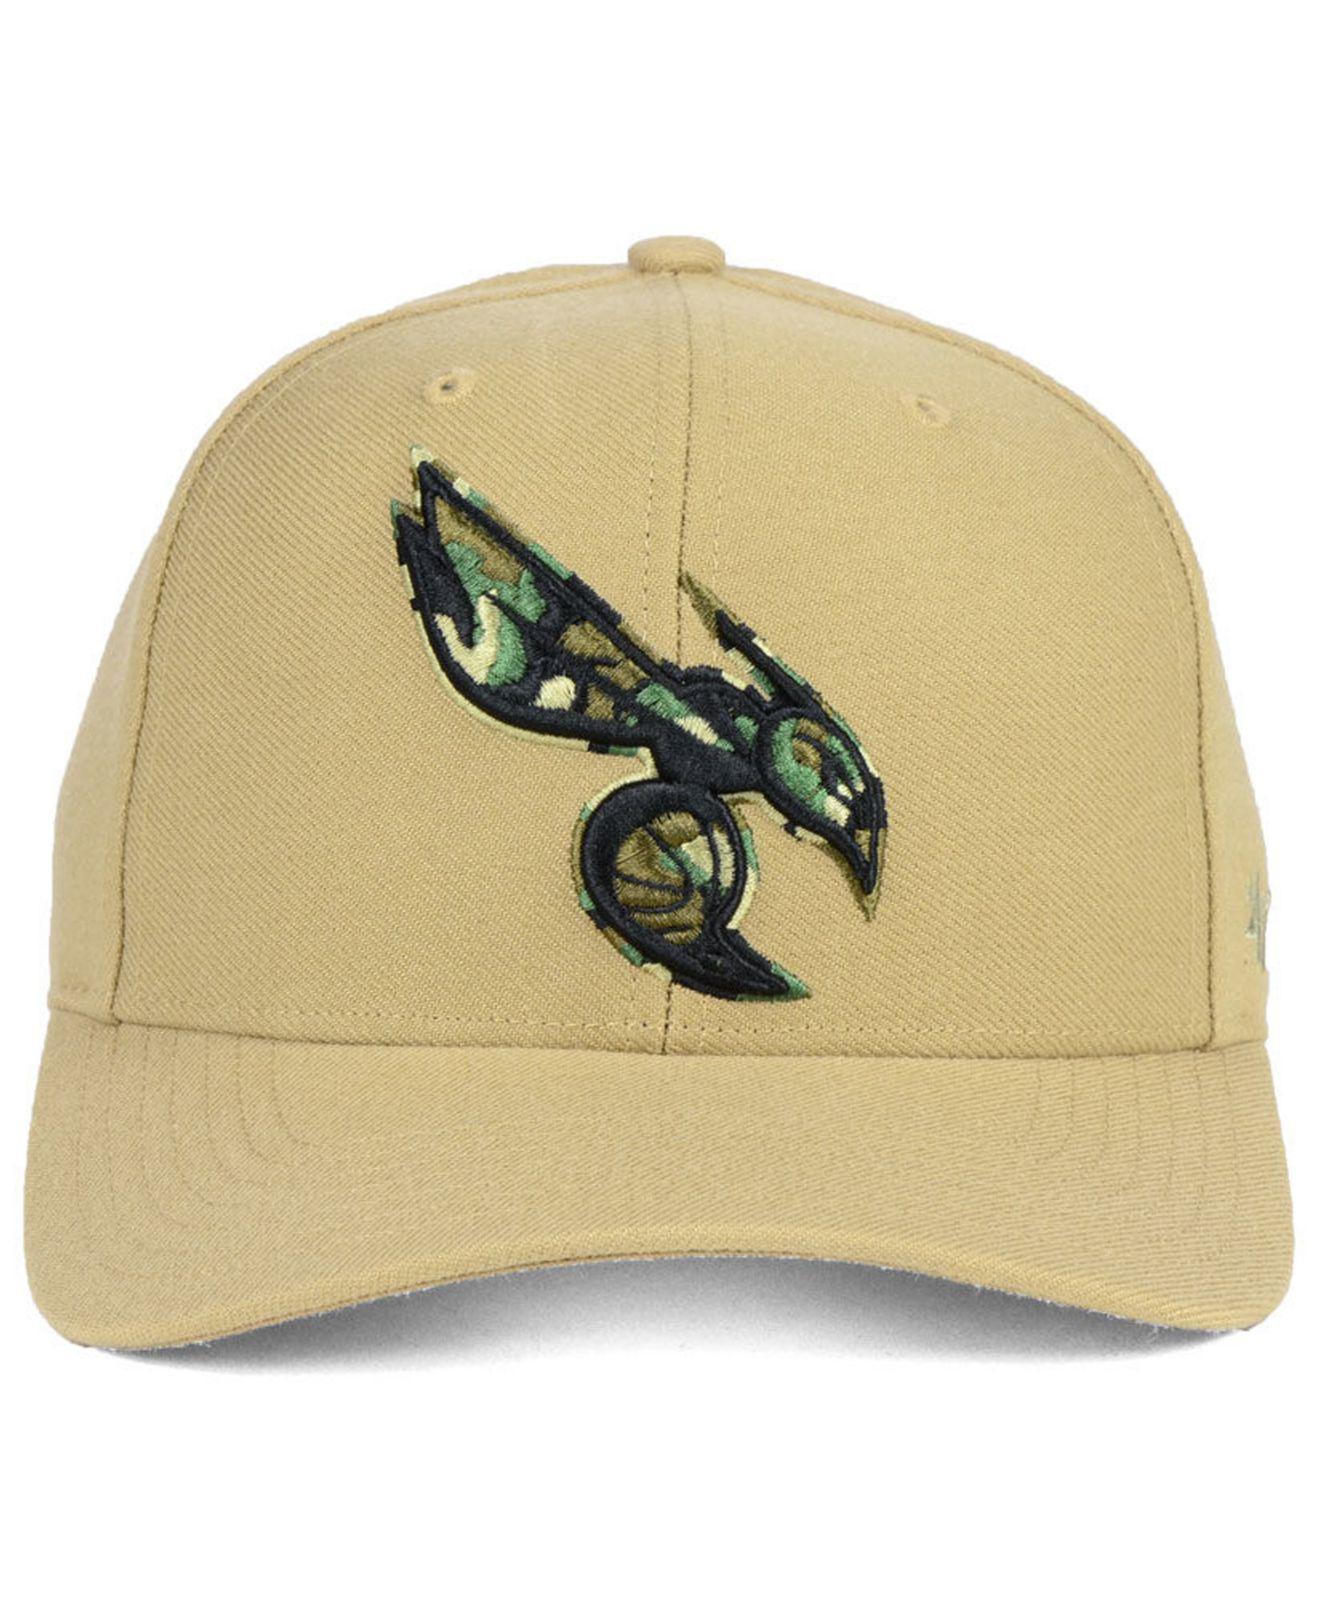 new product c2b15 65132 ... where to buy lyst 47 brand charlotte hornets camfill mvp cap for men  8285f 57f9b